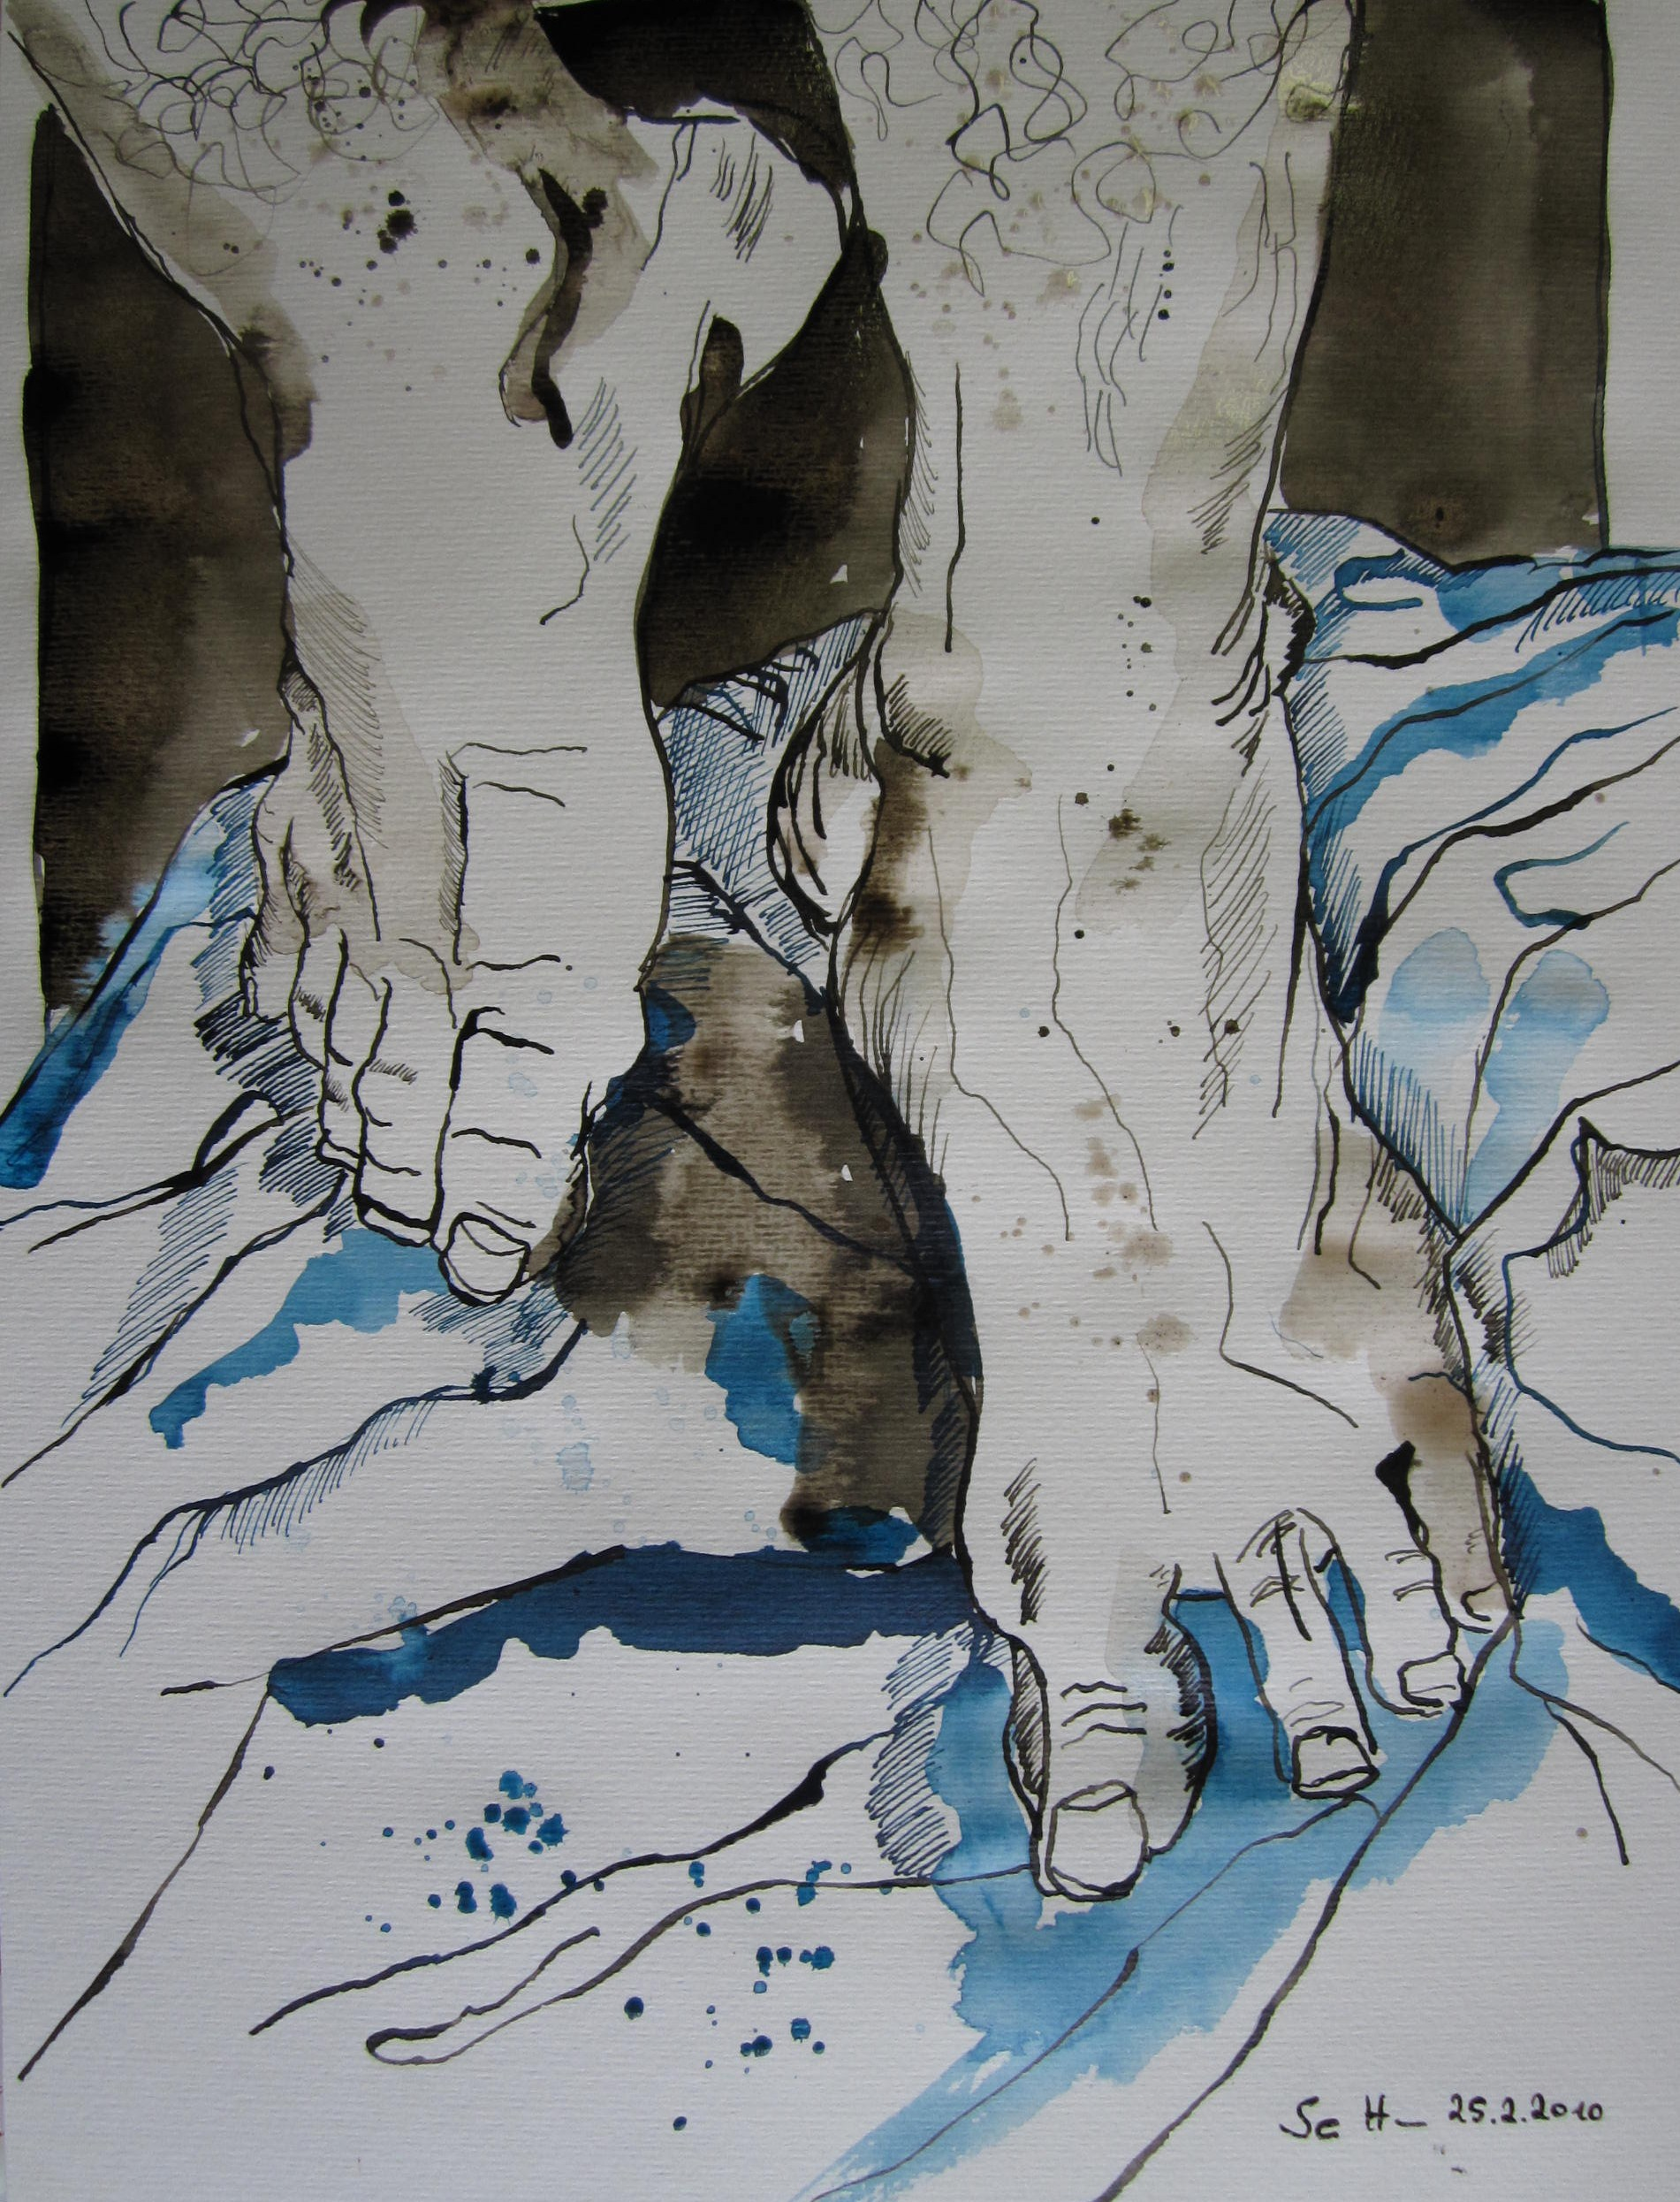 Mit den Füssen Tanzen - Dáires Freude - Zeichnung von Susanne Haun - 40 x 30 cm - Tusche auf Aquarellpapier (c) VG Bild-Kunst, Bonn 2019